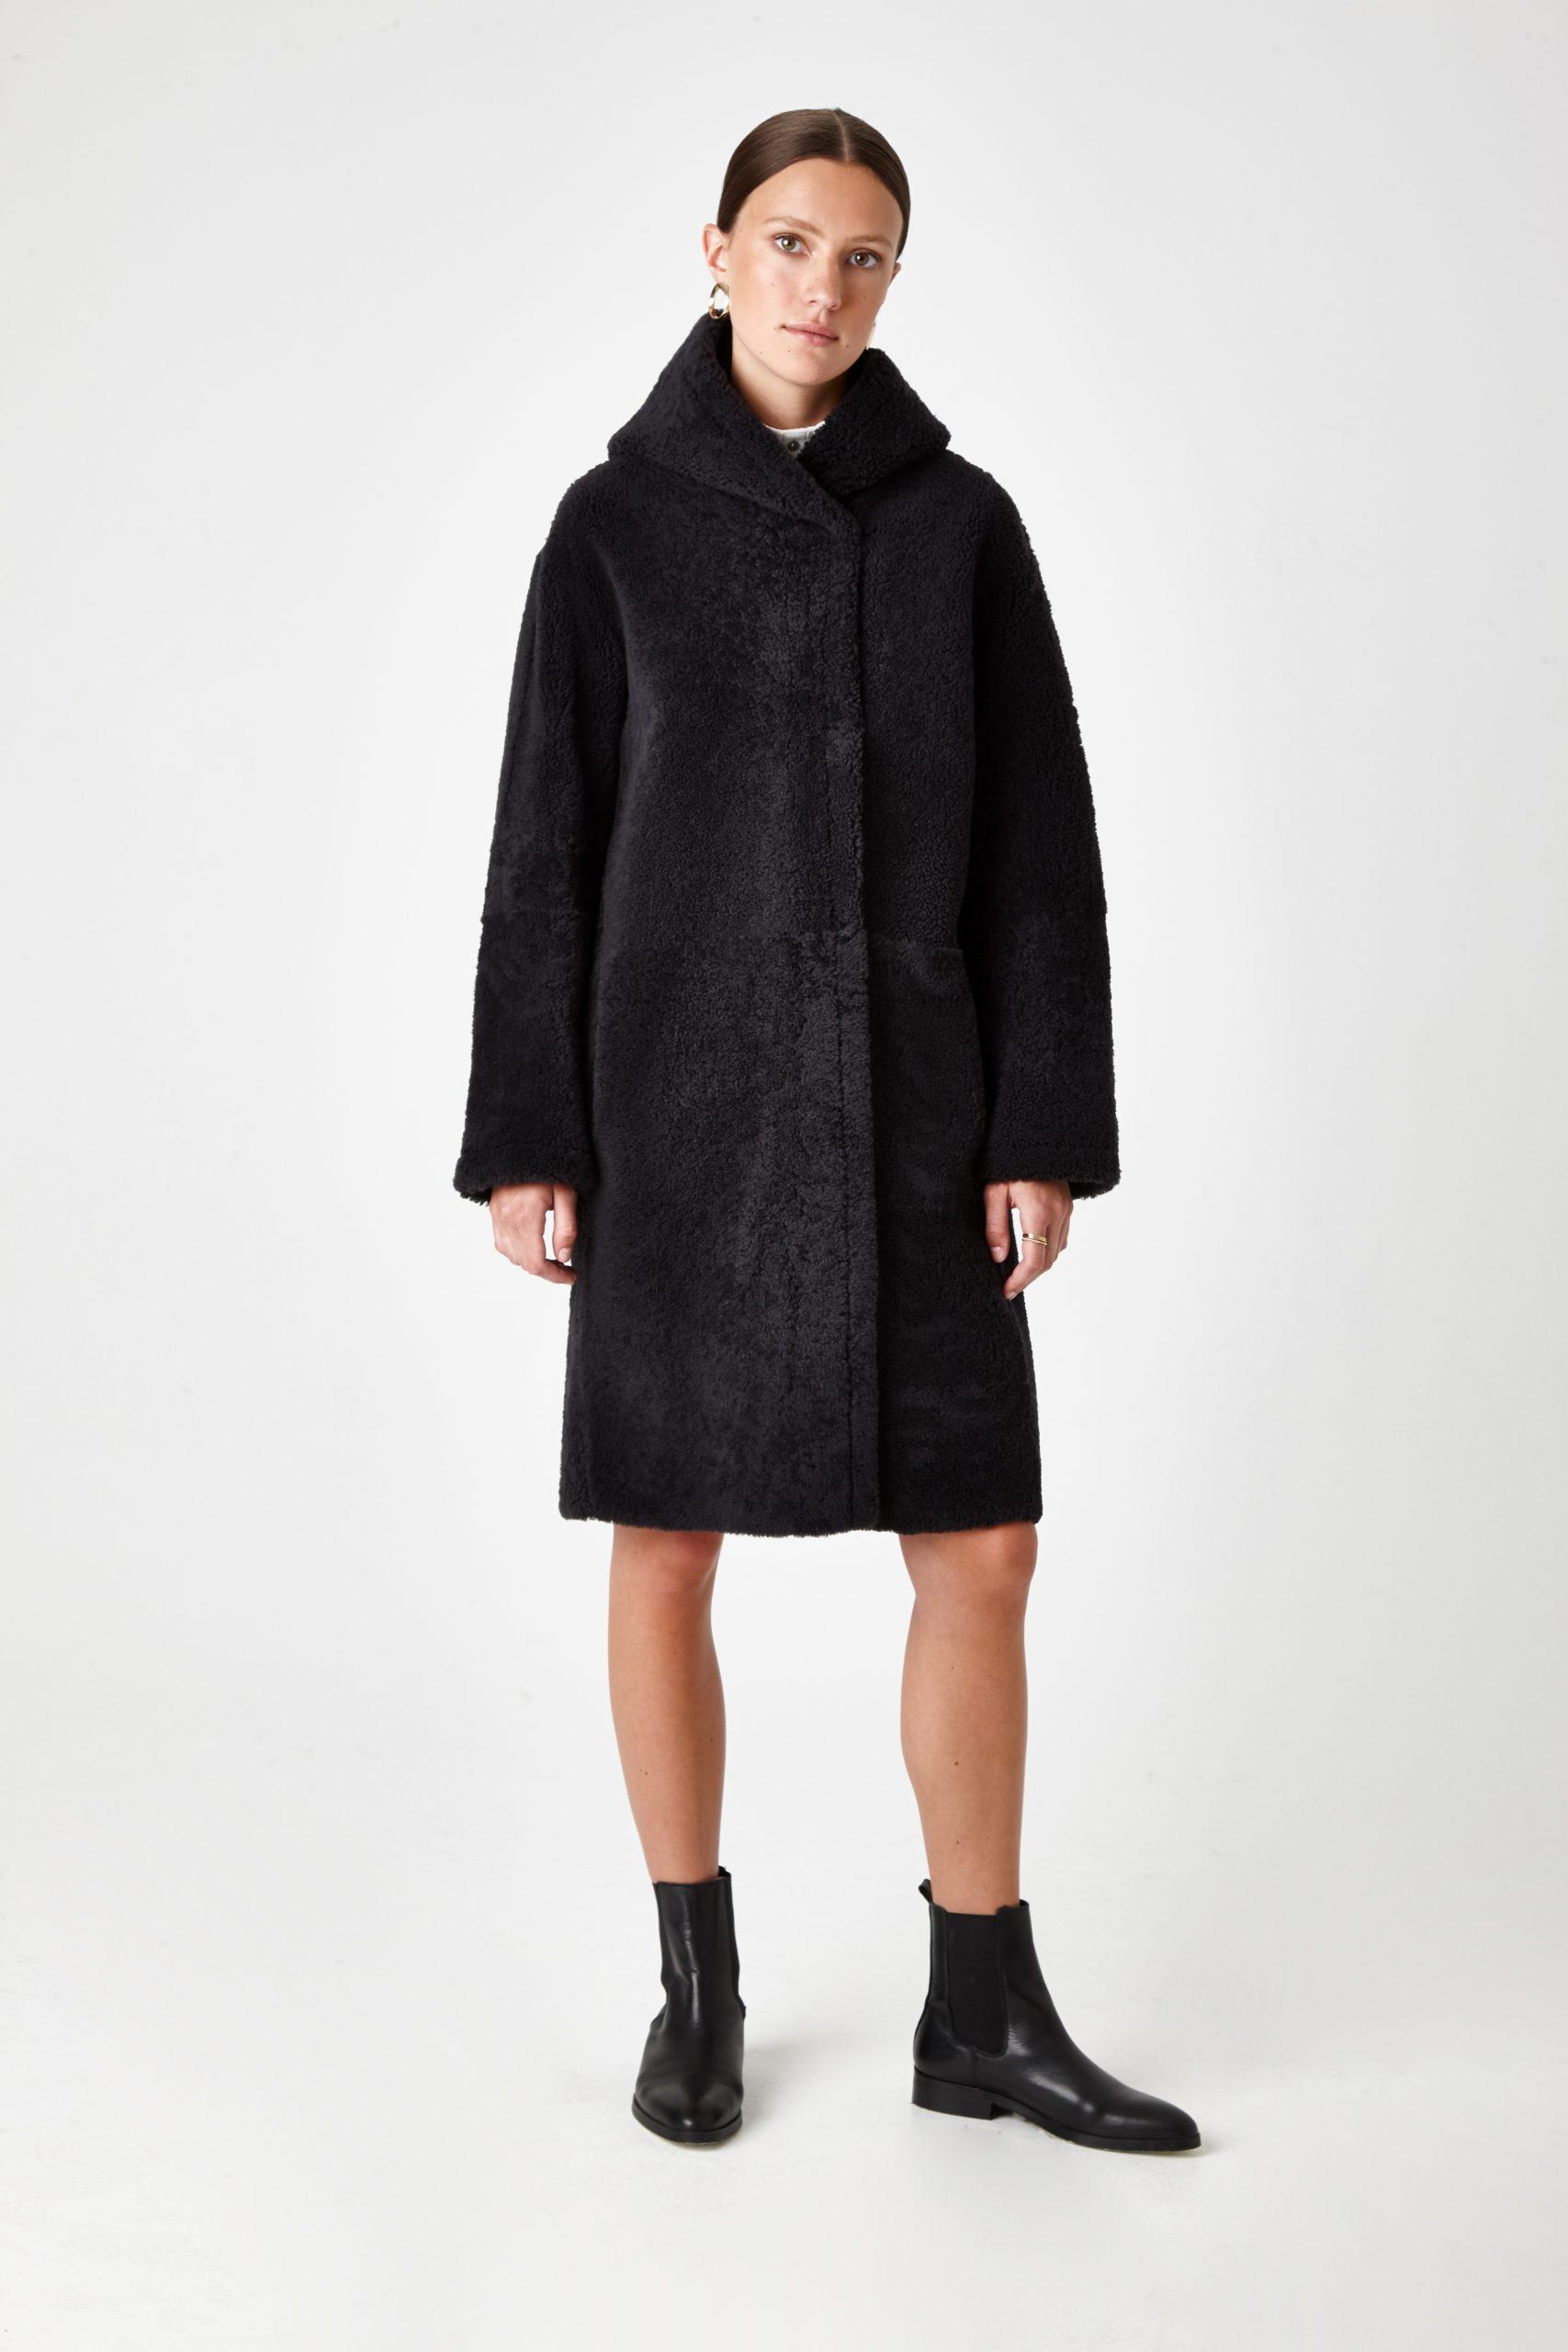 hooded shearling coat - women | Gushlow & Cole - CHODE0-GRA